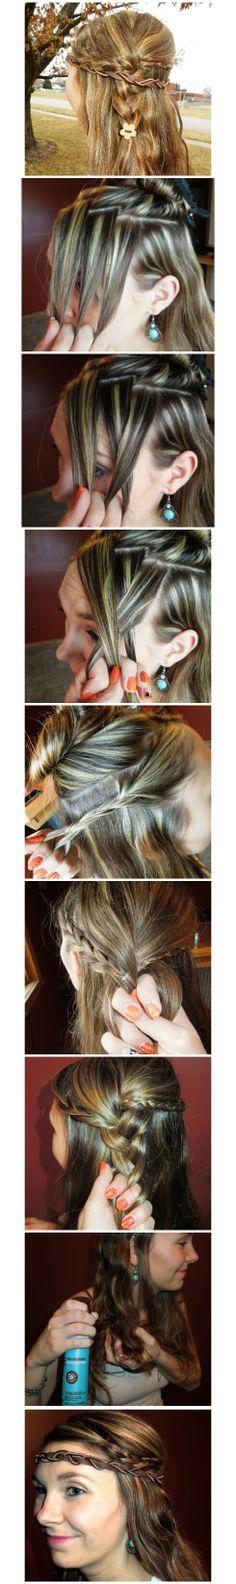 Amy_Robinson3 #festivalhair #hairtutorial #coachellahair #sexyahir #howto #DYI #Concerthair